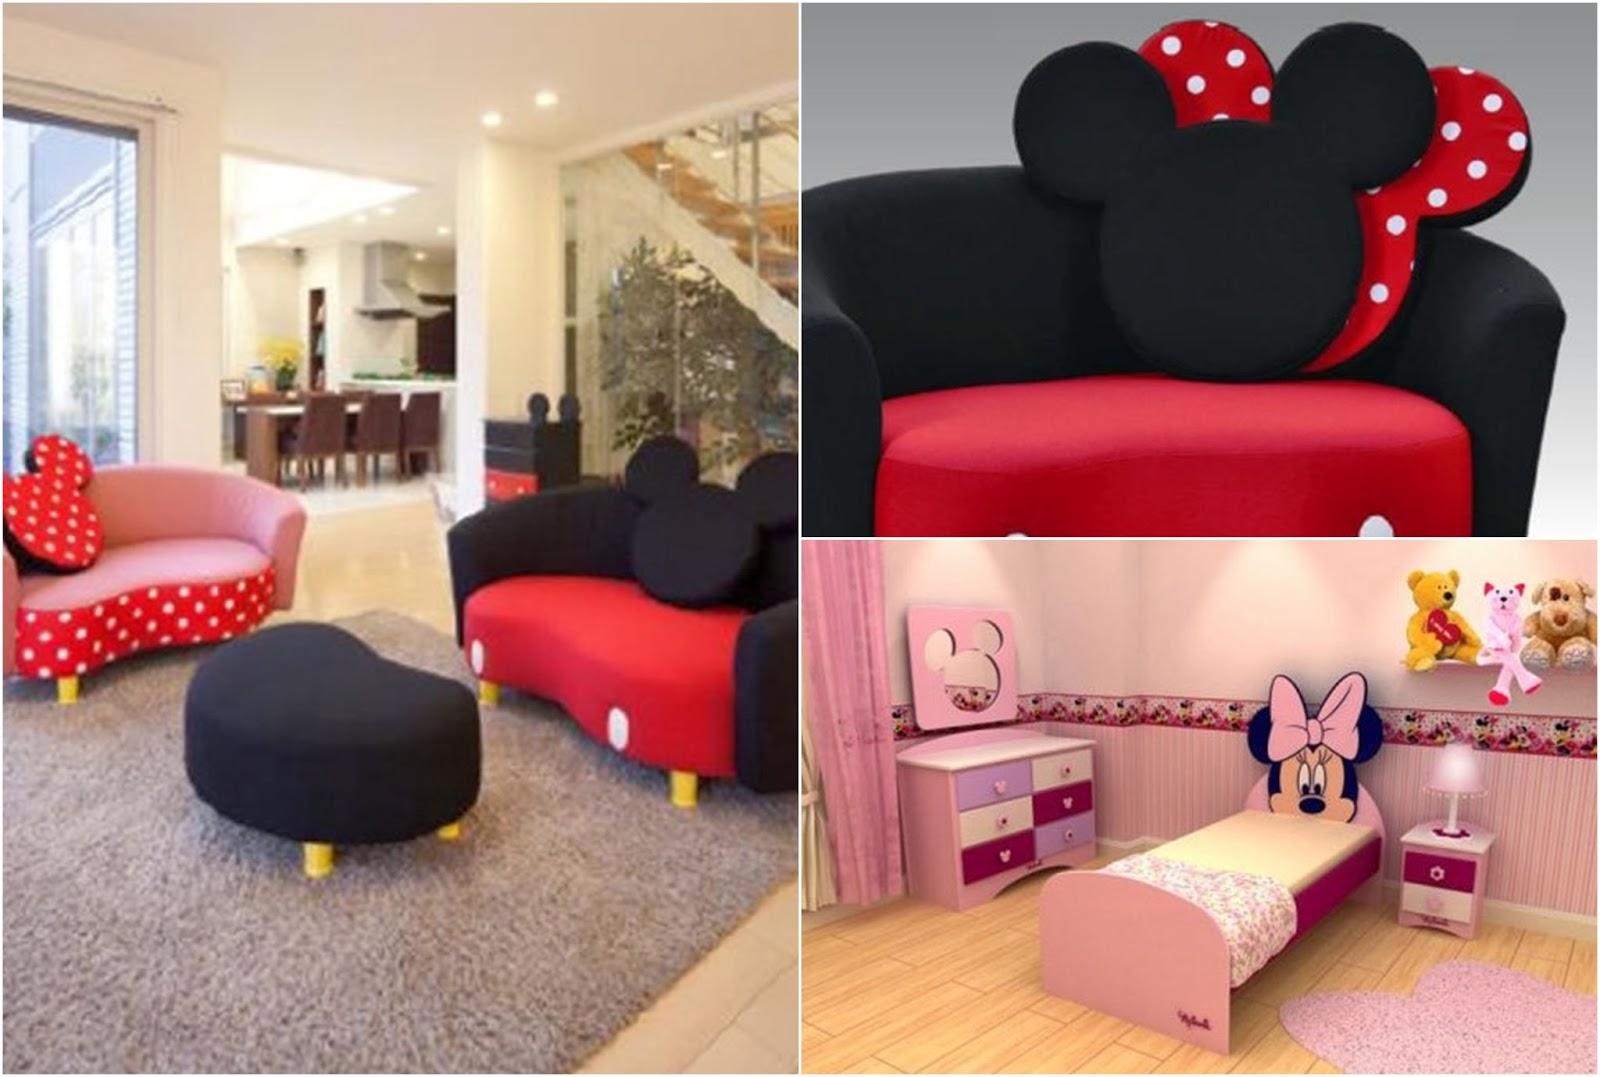 Sala Weselna Łuków Radzyńska ~ Si se desea decorar un Dormitorio Minnie Mouse , los accesorios serán